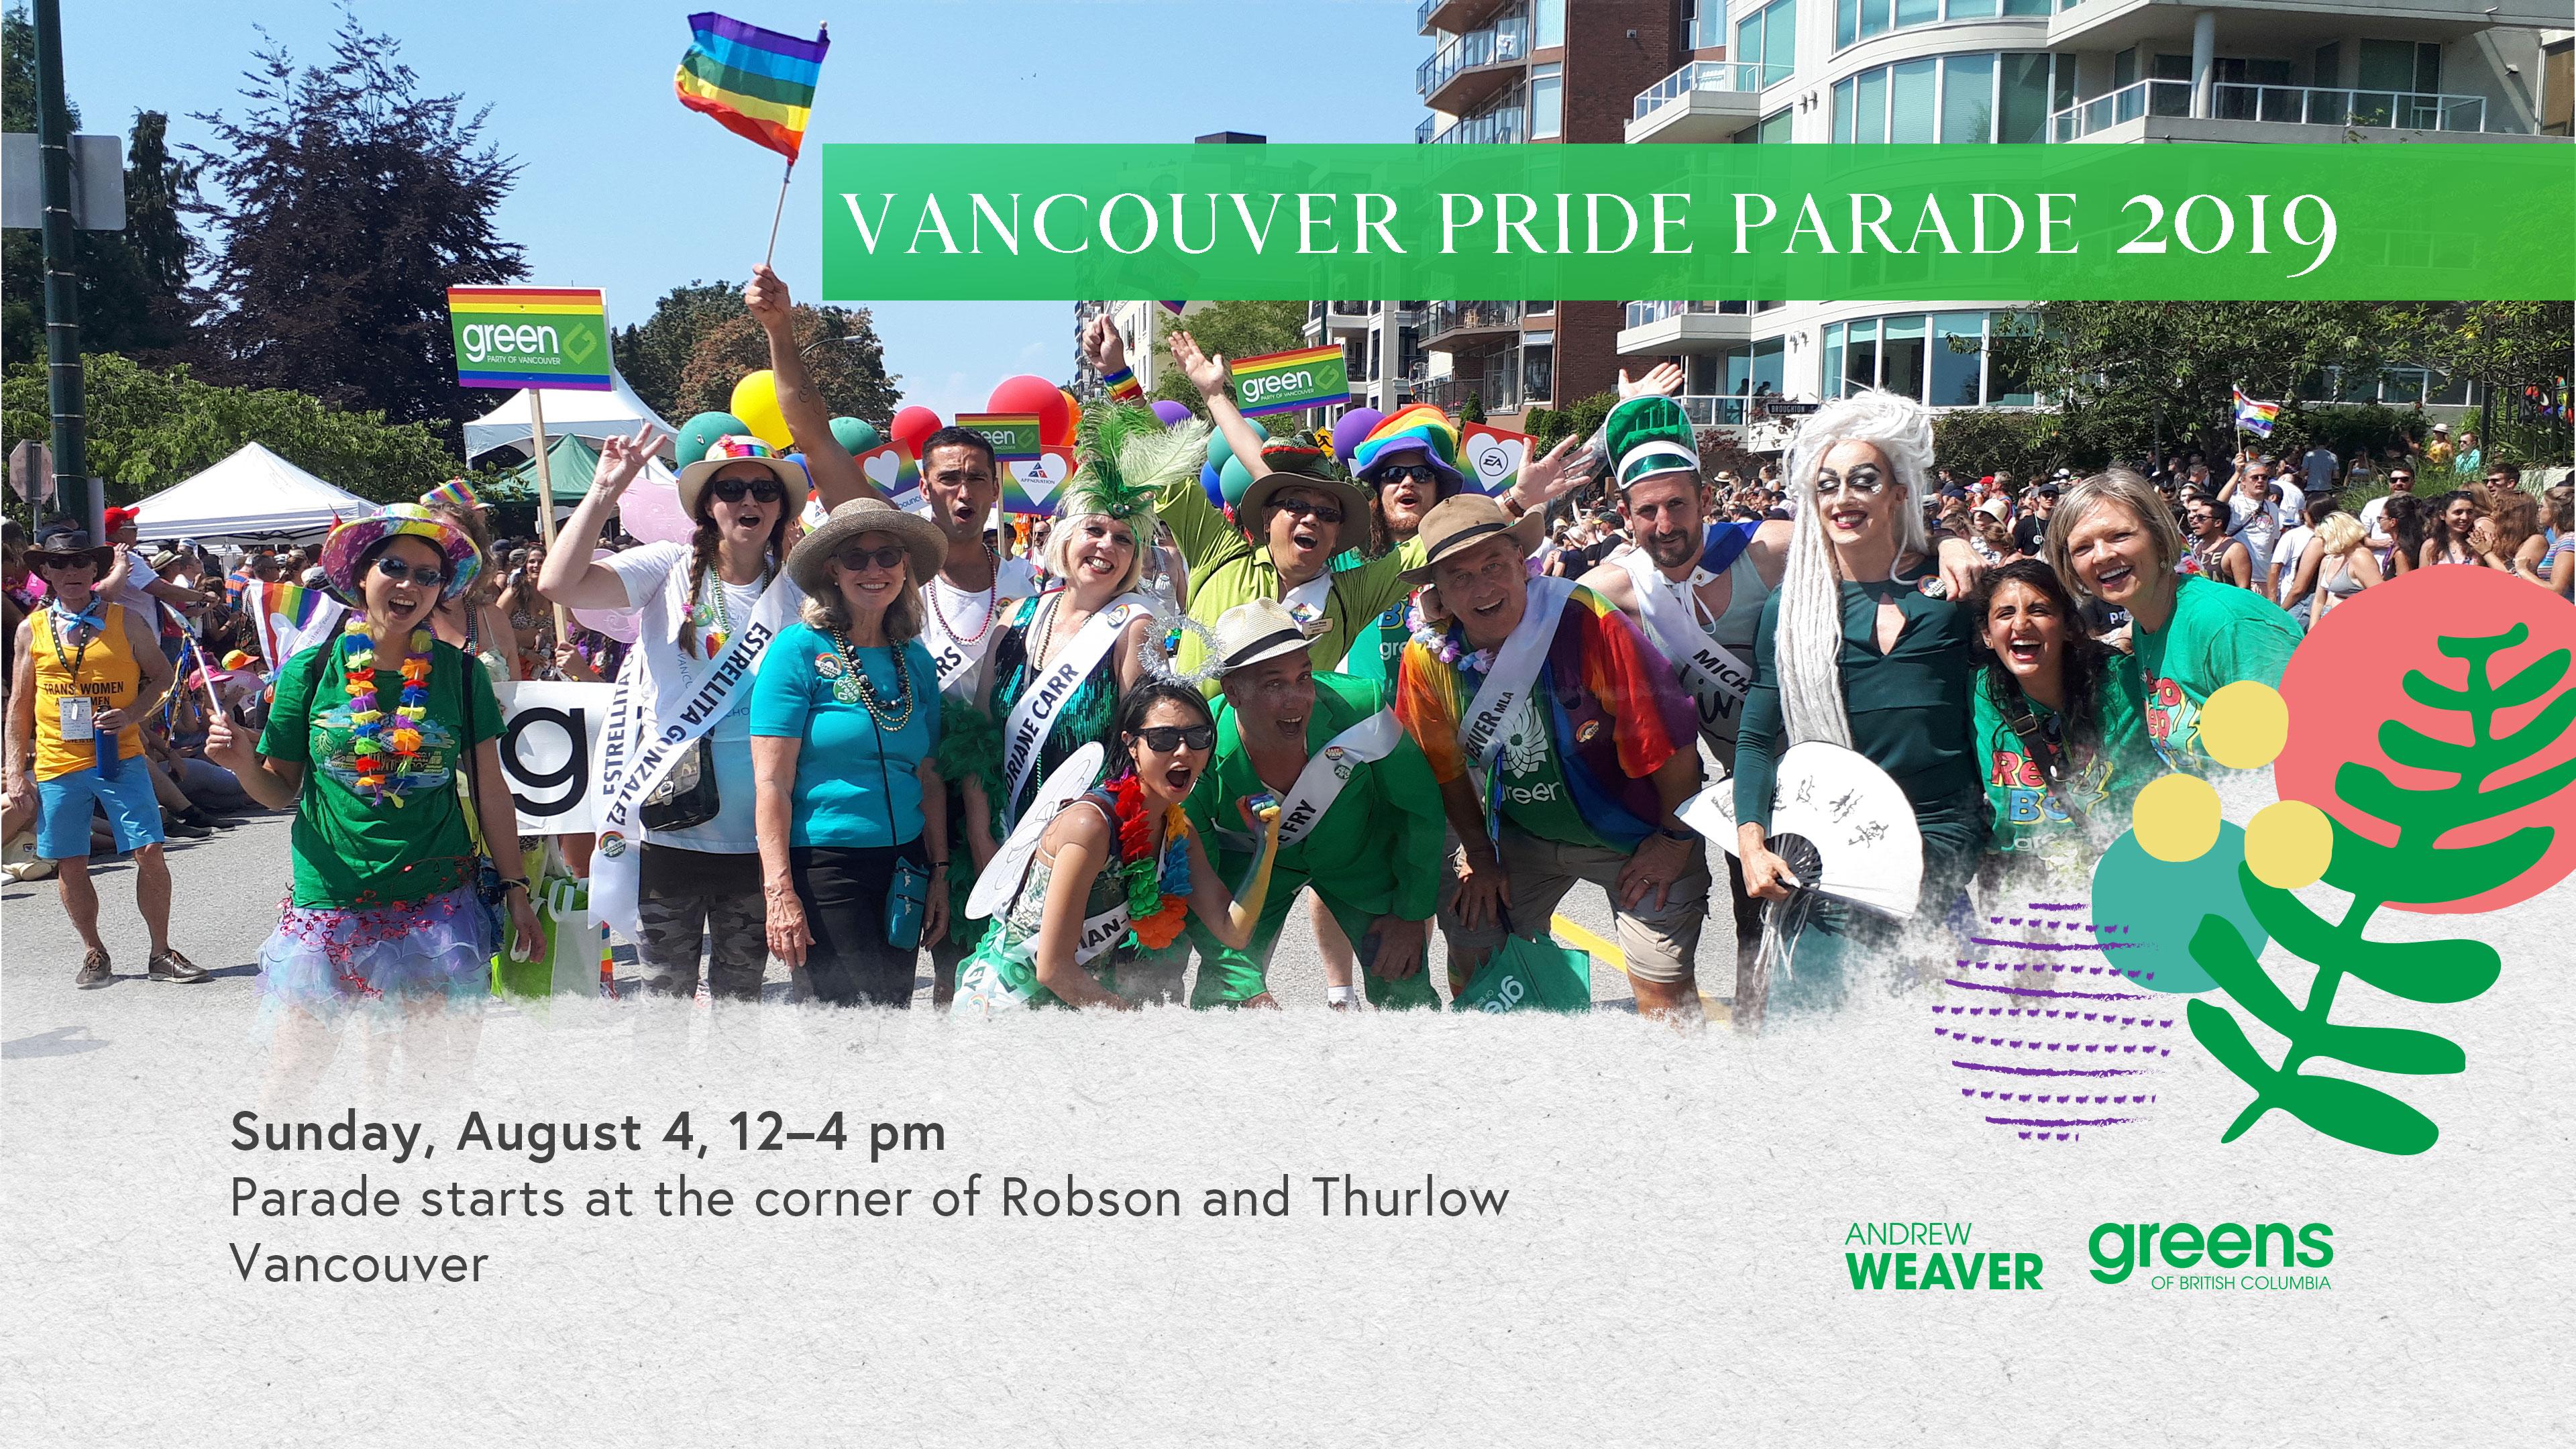 190715-Vancouver_pride_parade.jpg